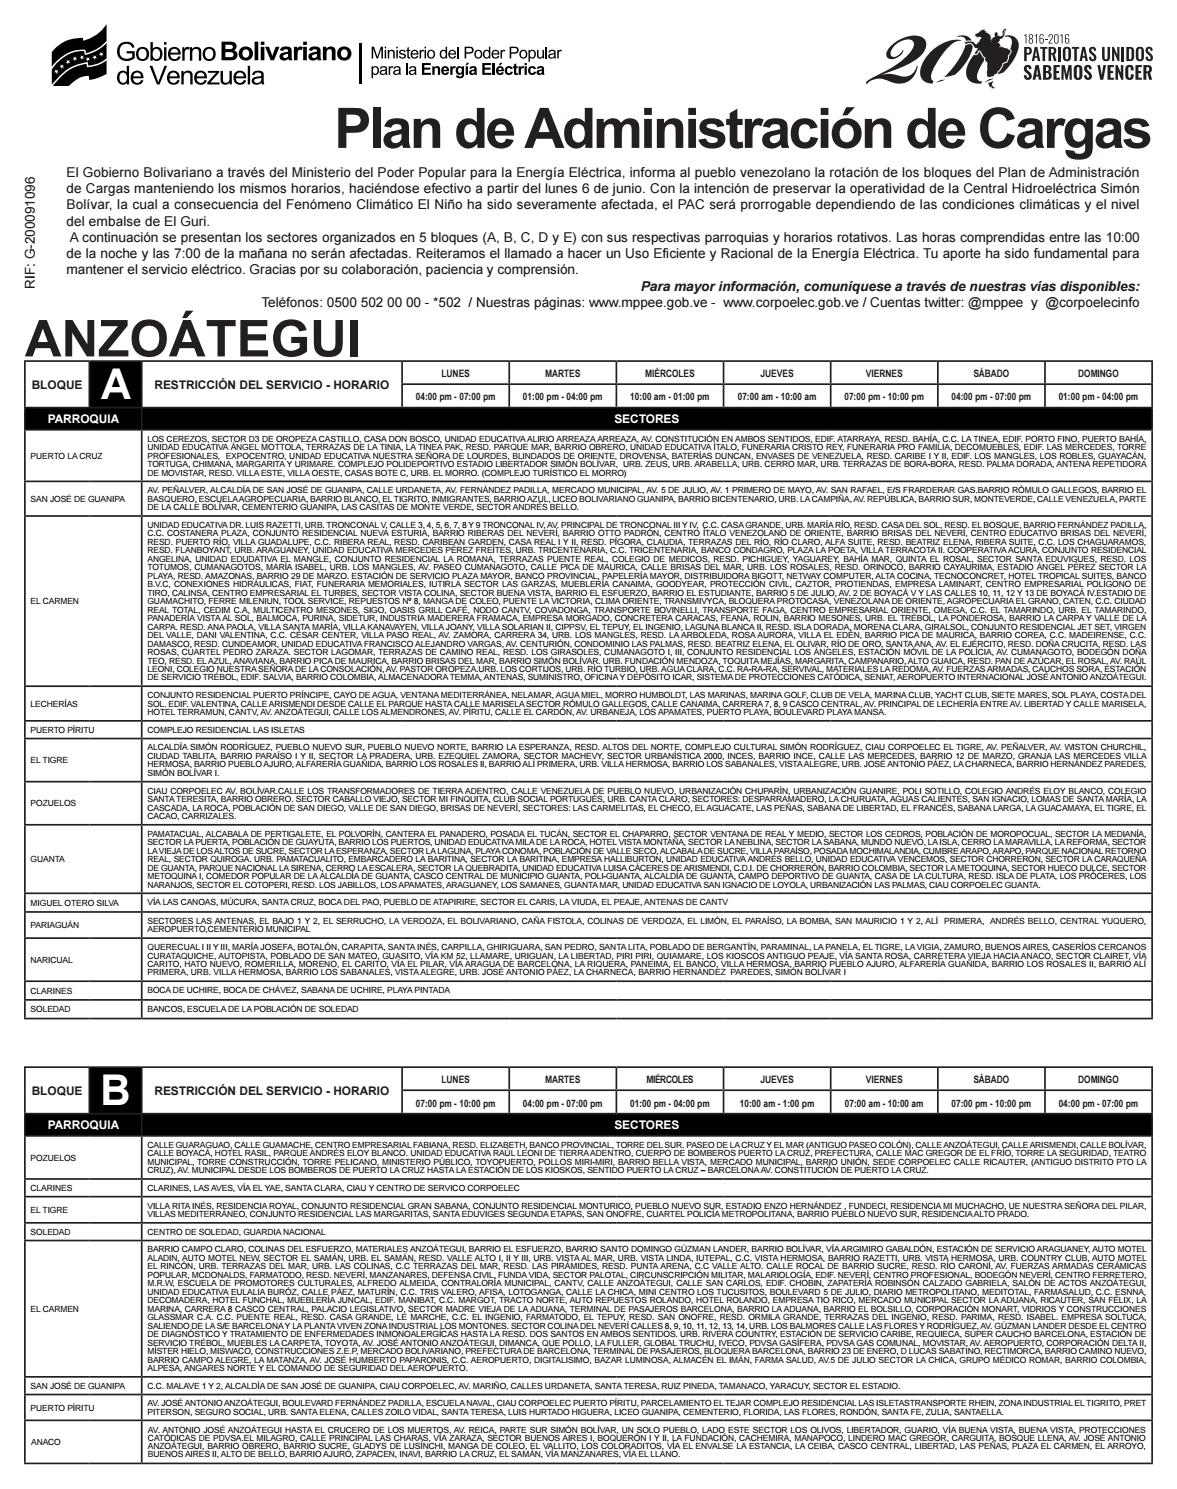 Muebles Lalin Naguanagua - Plan De Administraci C3 B3n De Carga Vigente Desde El 6 De Junio [mjhdah]https://i.ytimg.com/vi/qqQweHCPhKA/maxresdefault.jpg